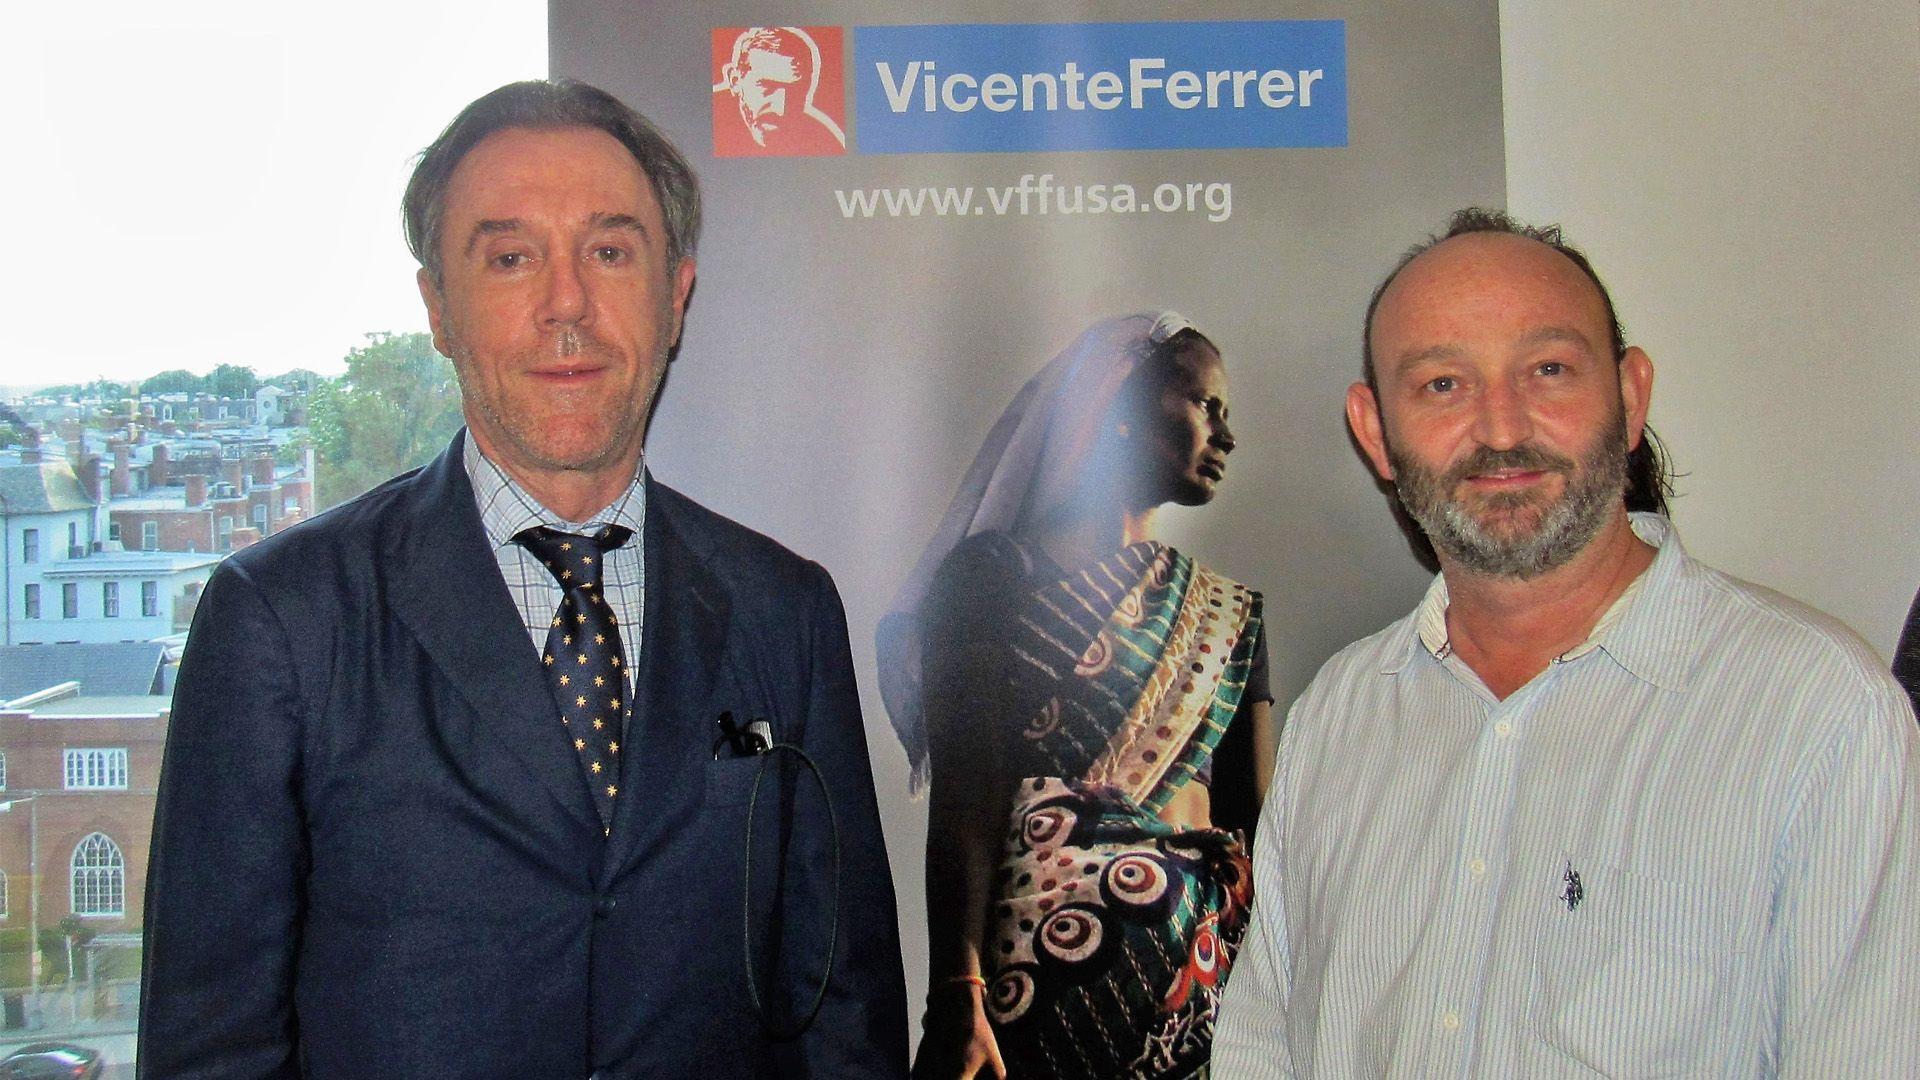 Moncho Ferrer (dcha) y el cónsul de España en Washington D.C., Enrique Sardá (izda) durante la presentación de FVF-USA en Washington D.C.